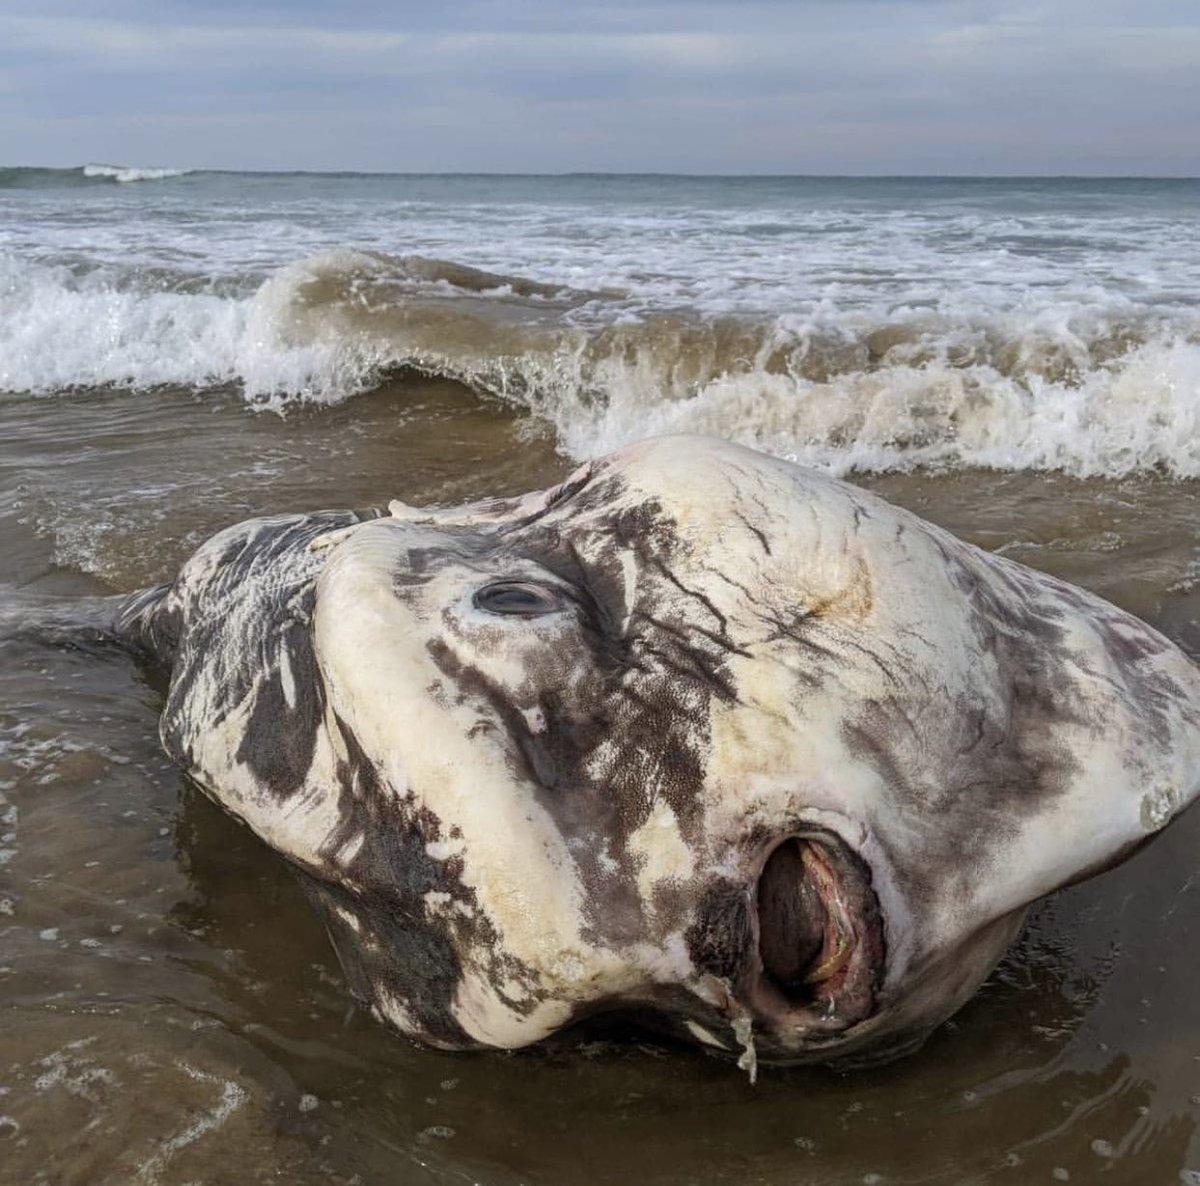 'Hết hồn' phát hiện sinh vật khổng lồ như quái vật trôi dạt vào bờ biển